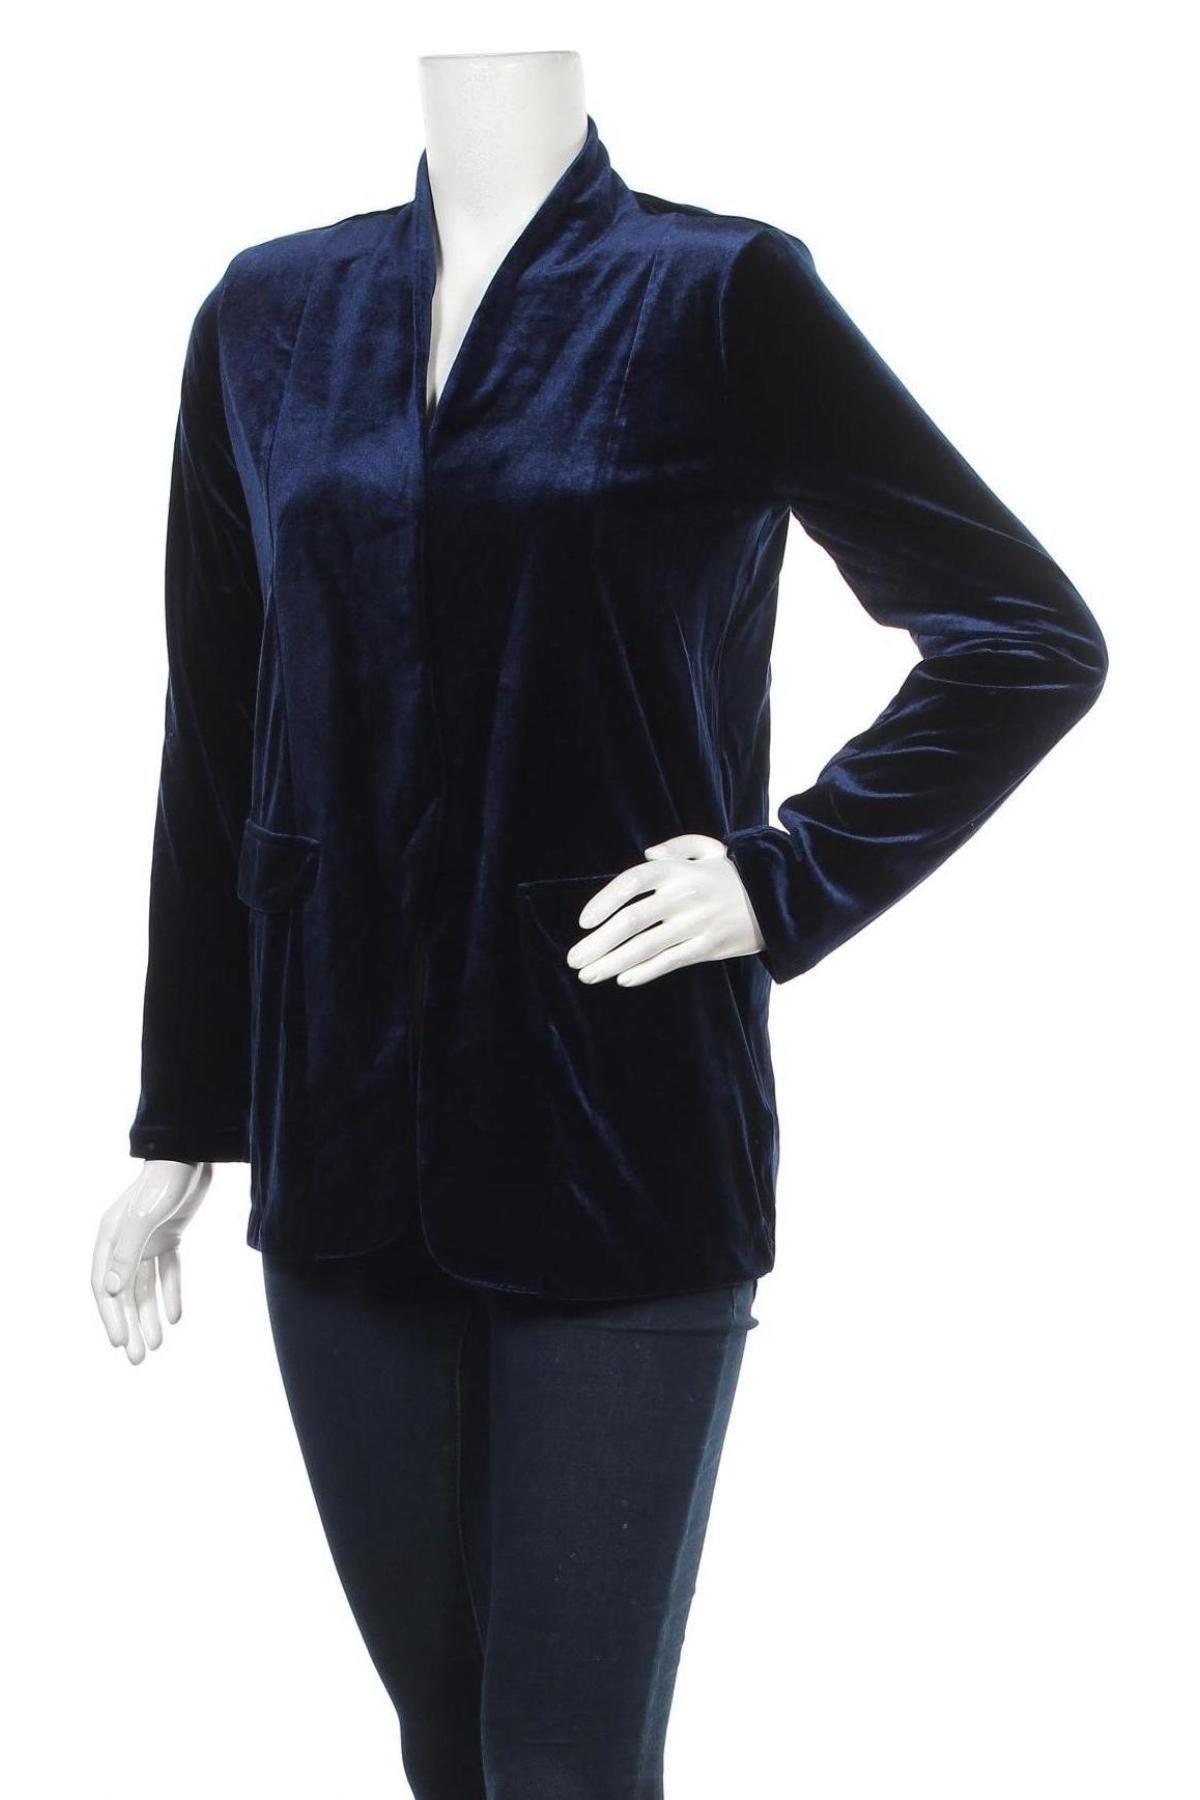 Дамско сако Top Secret, Размер S, Цвят Син, 95% полиестер, 5% еластан, Цена 19,00лв.